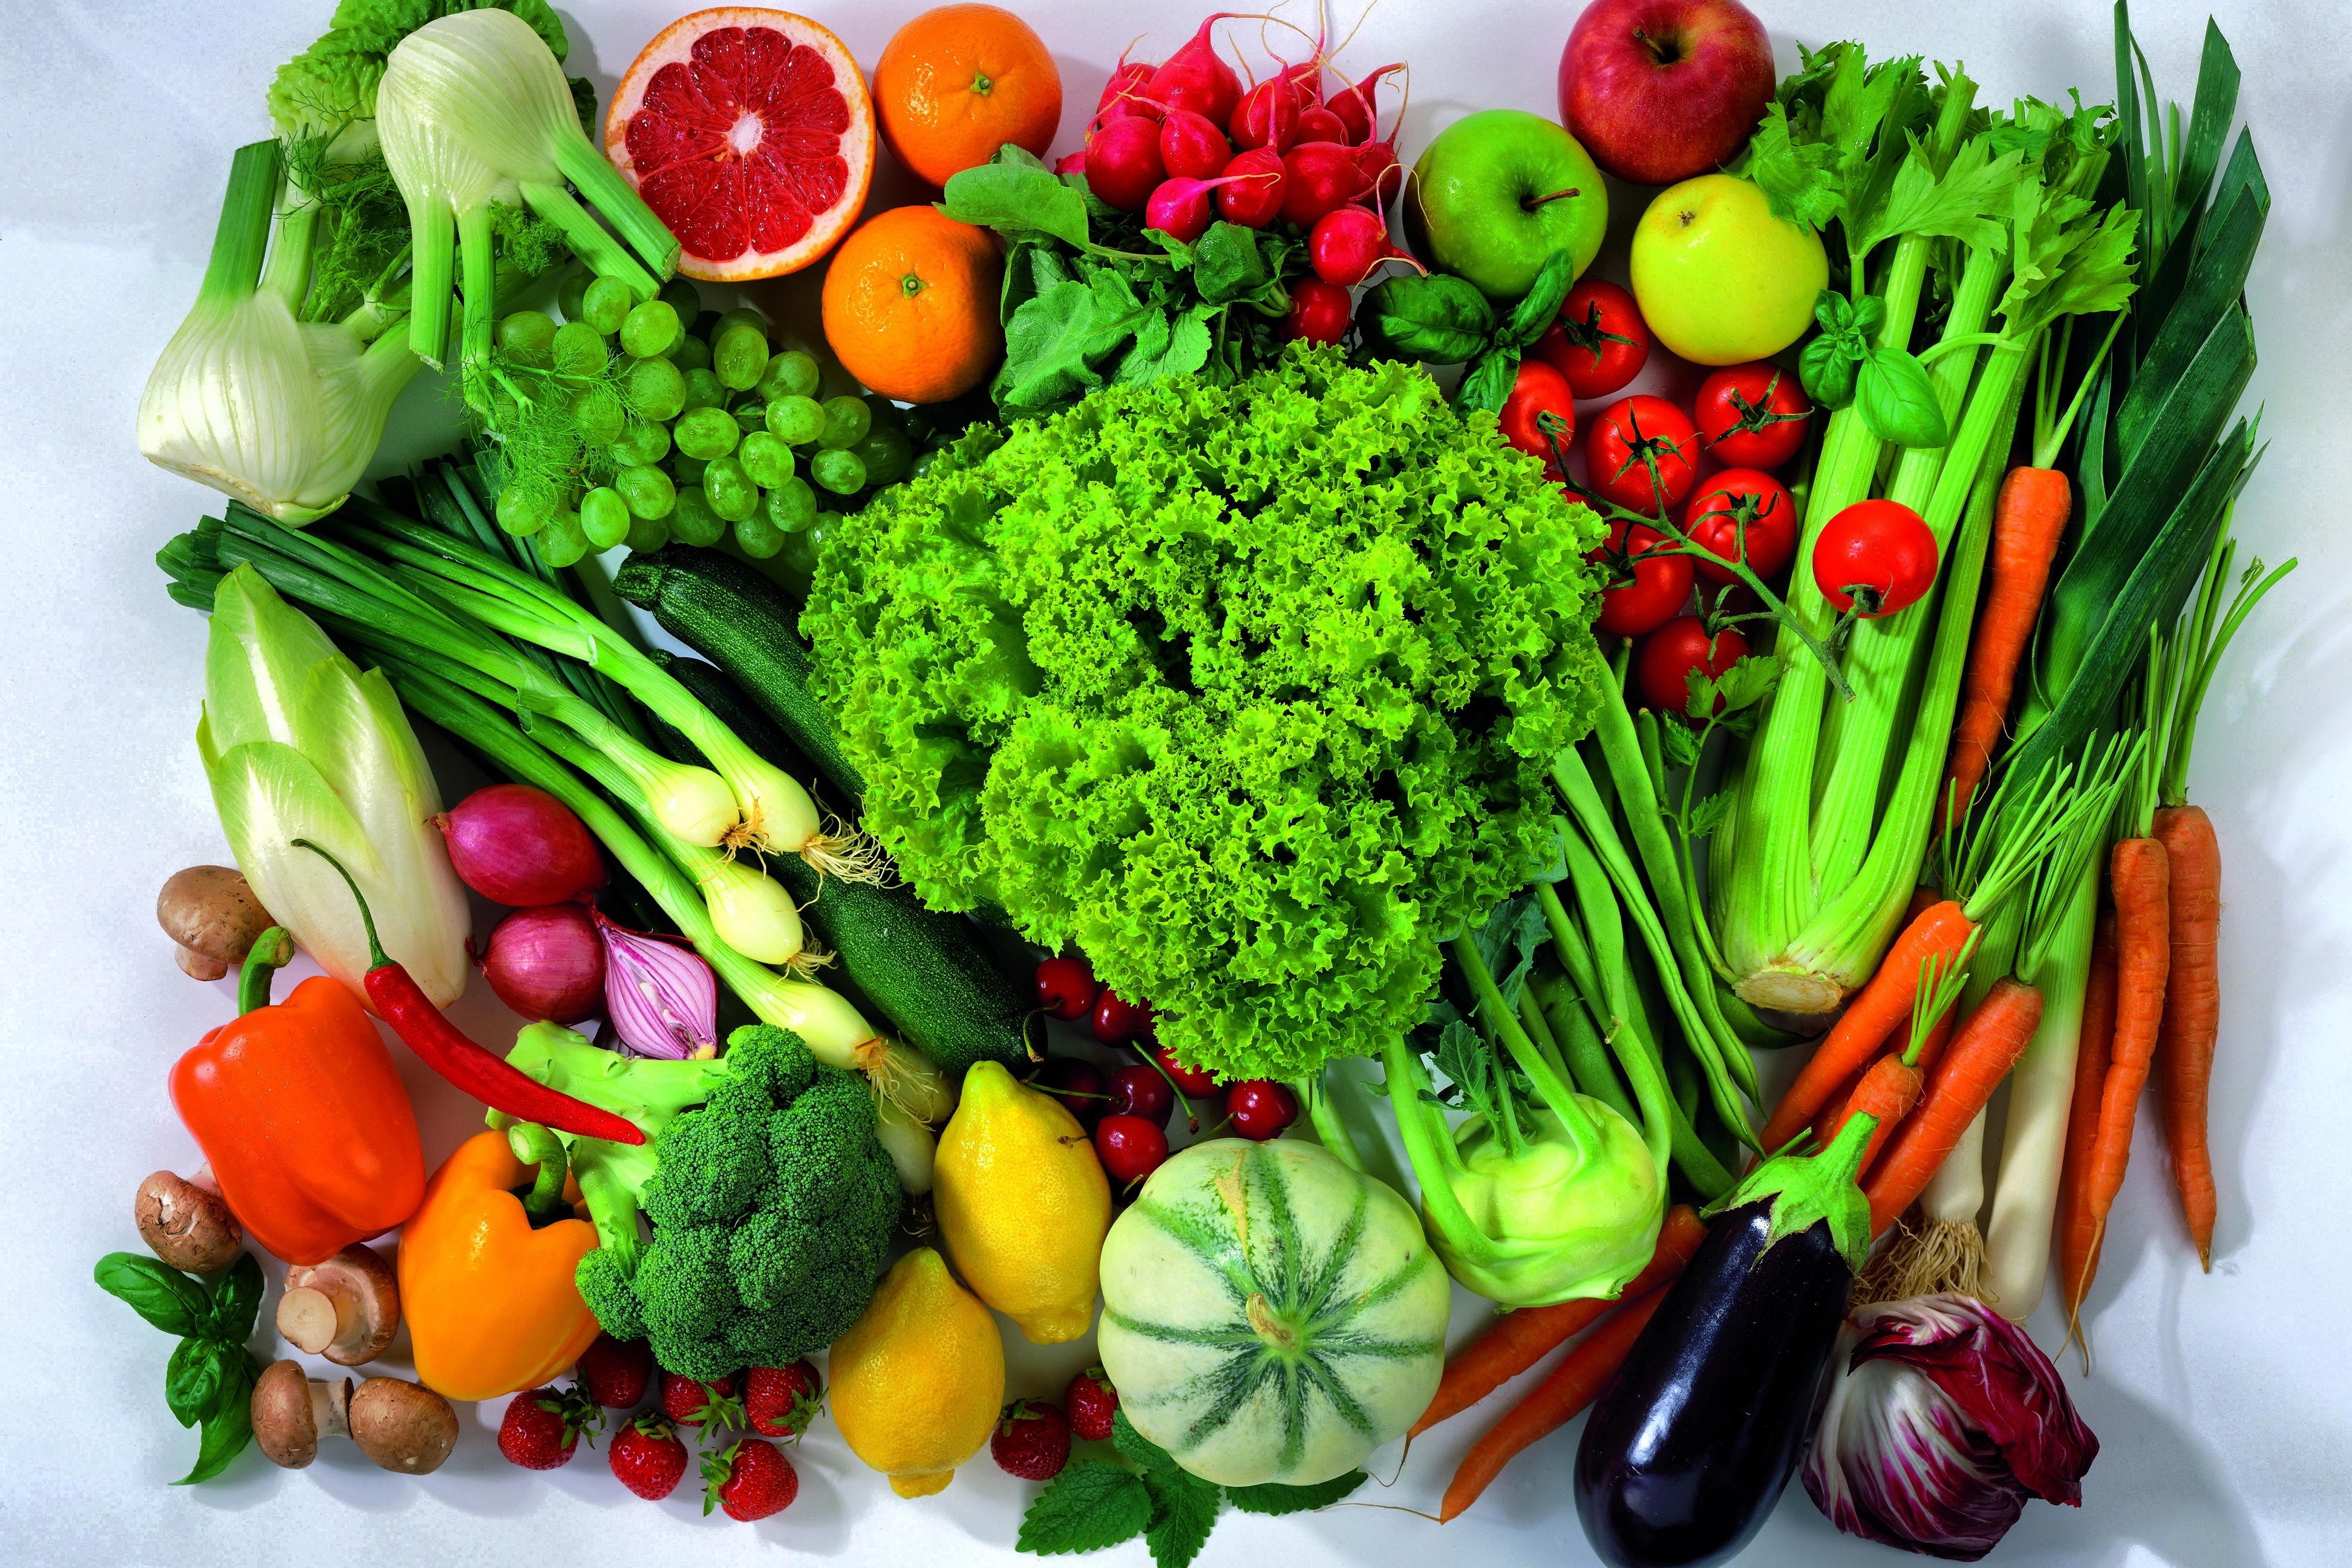 украинские овощи и фрукты фотографии красивые как--то